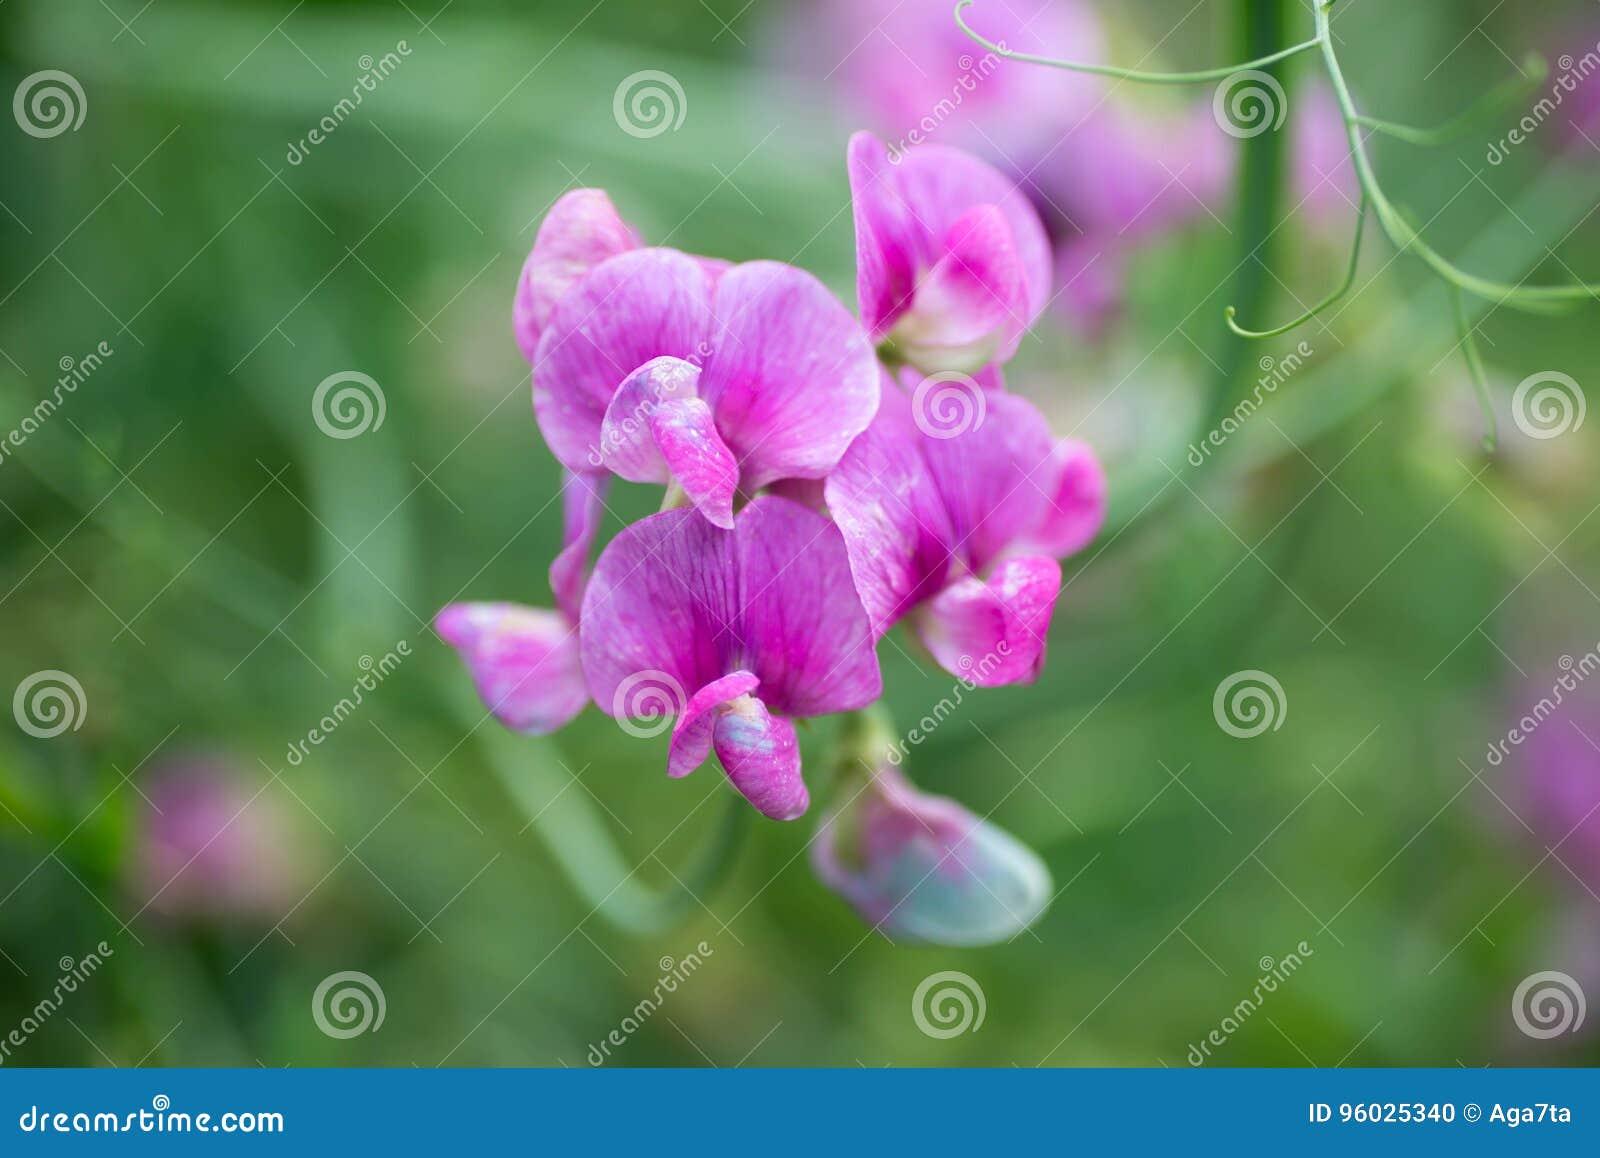 Macro del foco selectivo de la flor del guisante de olor